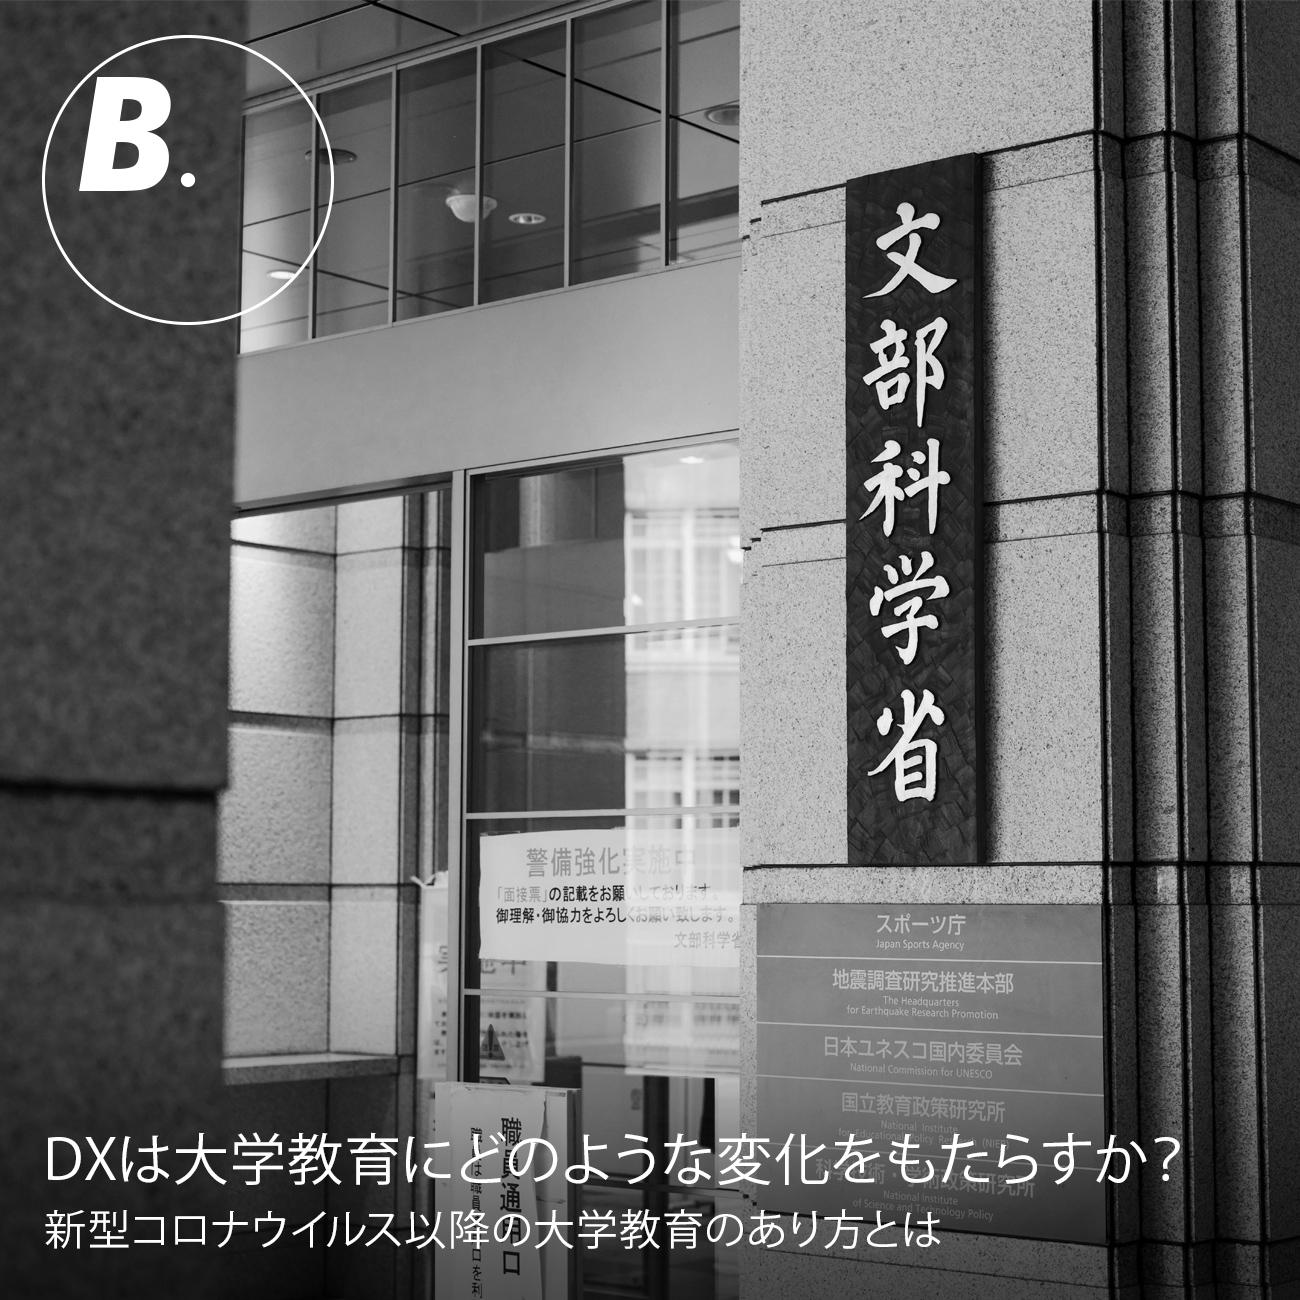 DXは大学教育にどのような変化をもたらすか?